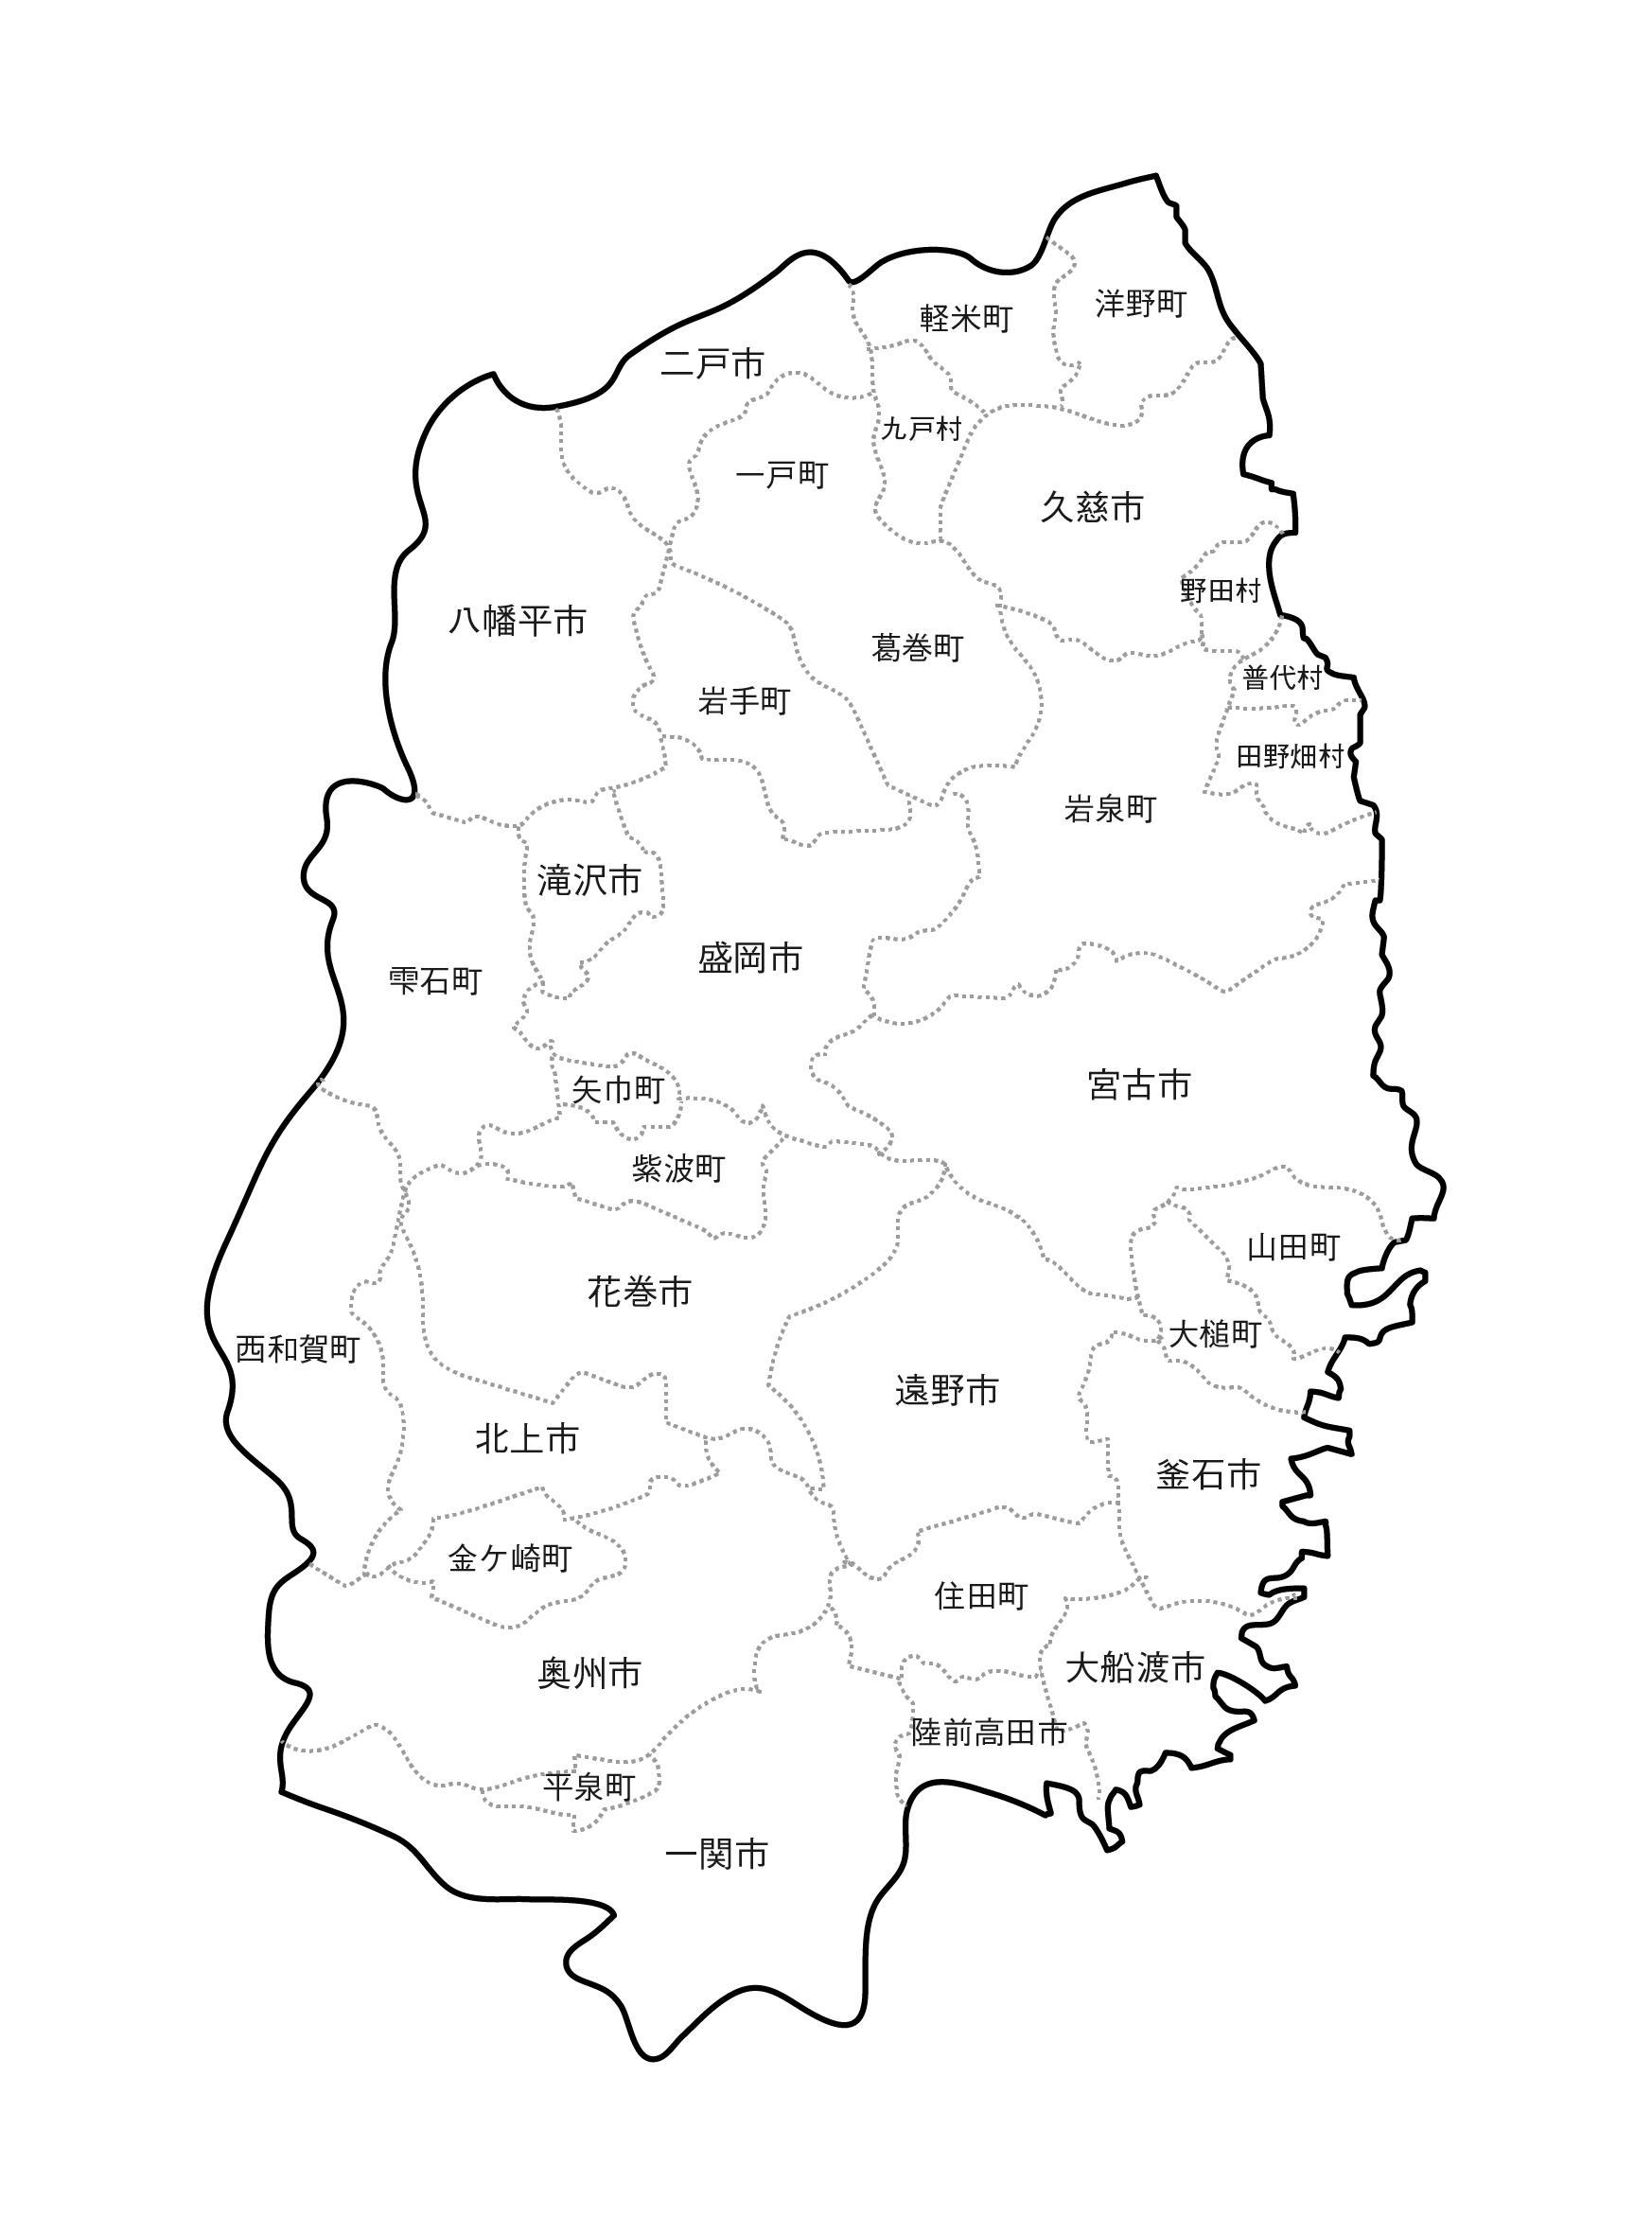 [白地図]岩手県・ラインあり・市区町村名あり